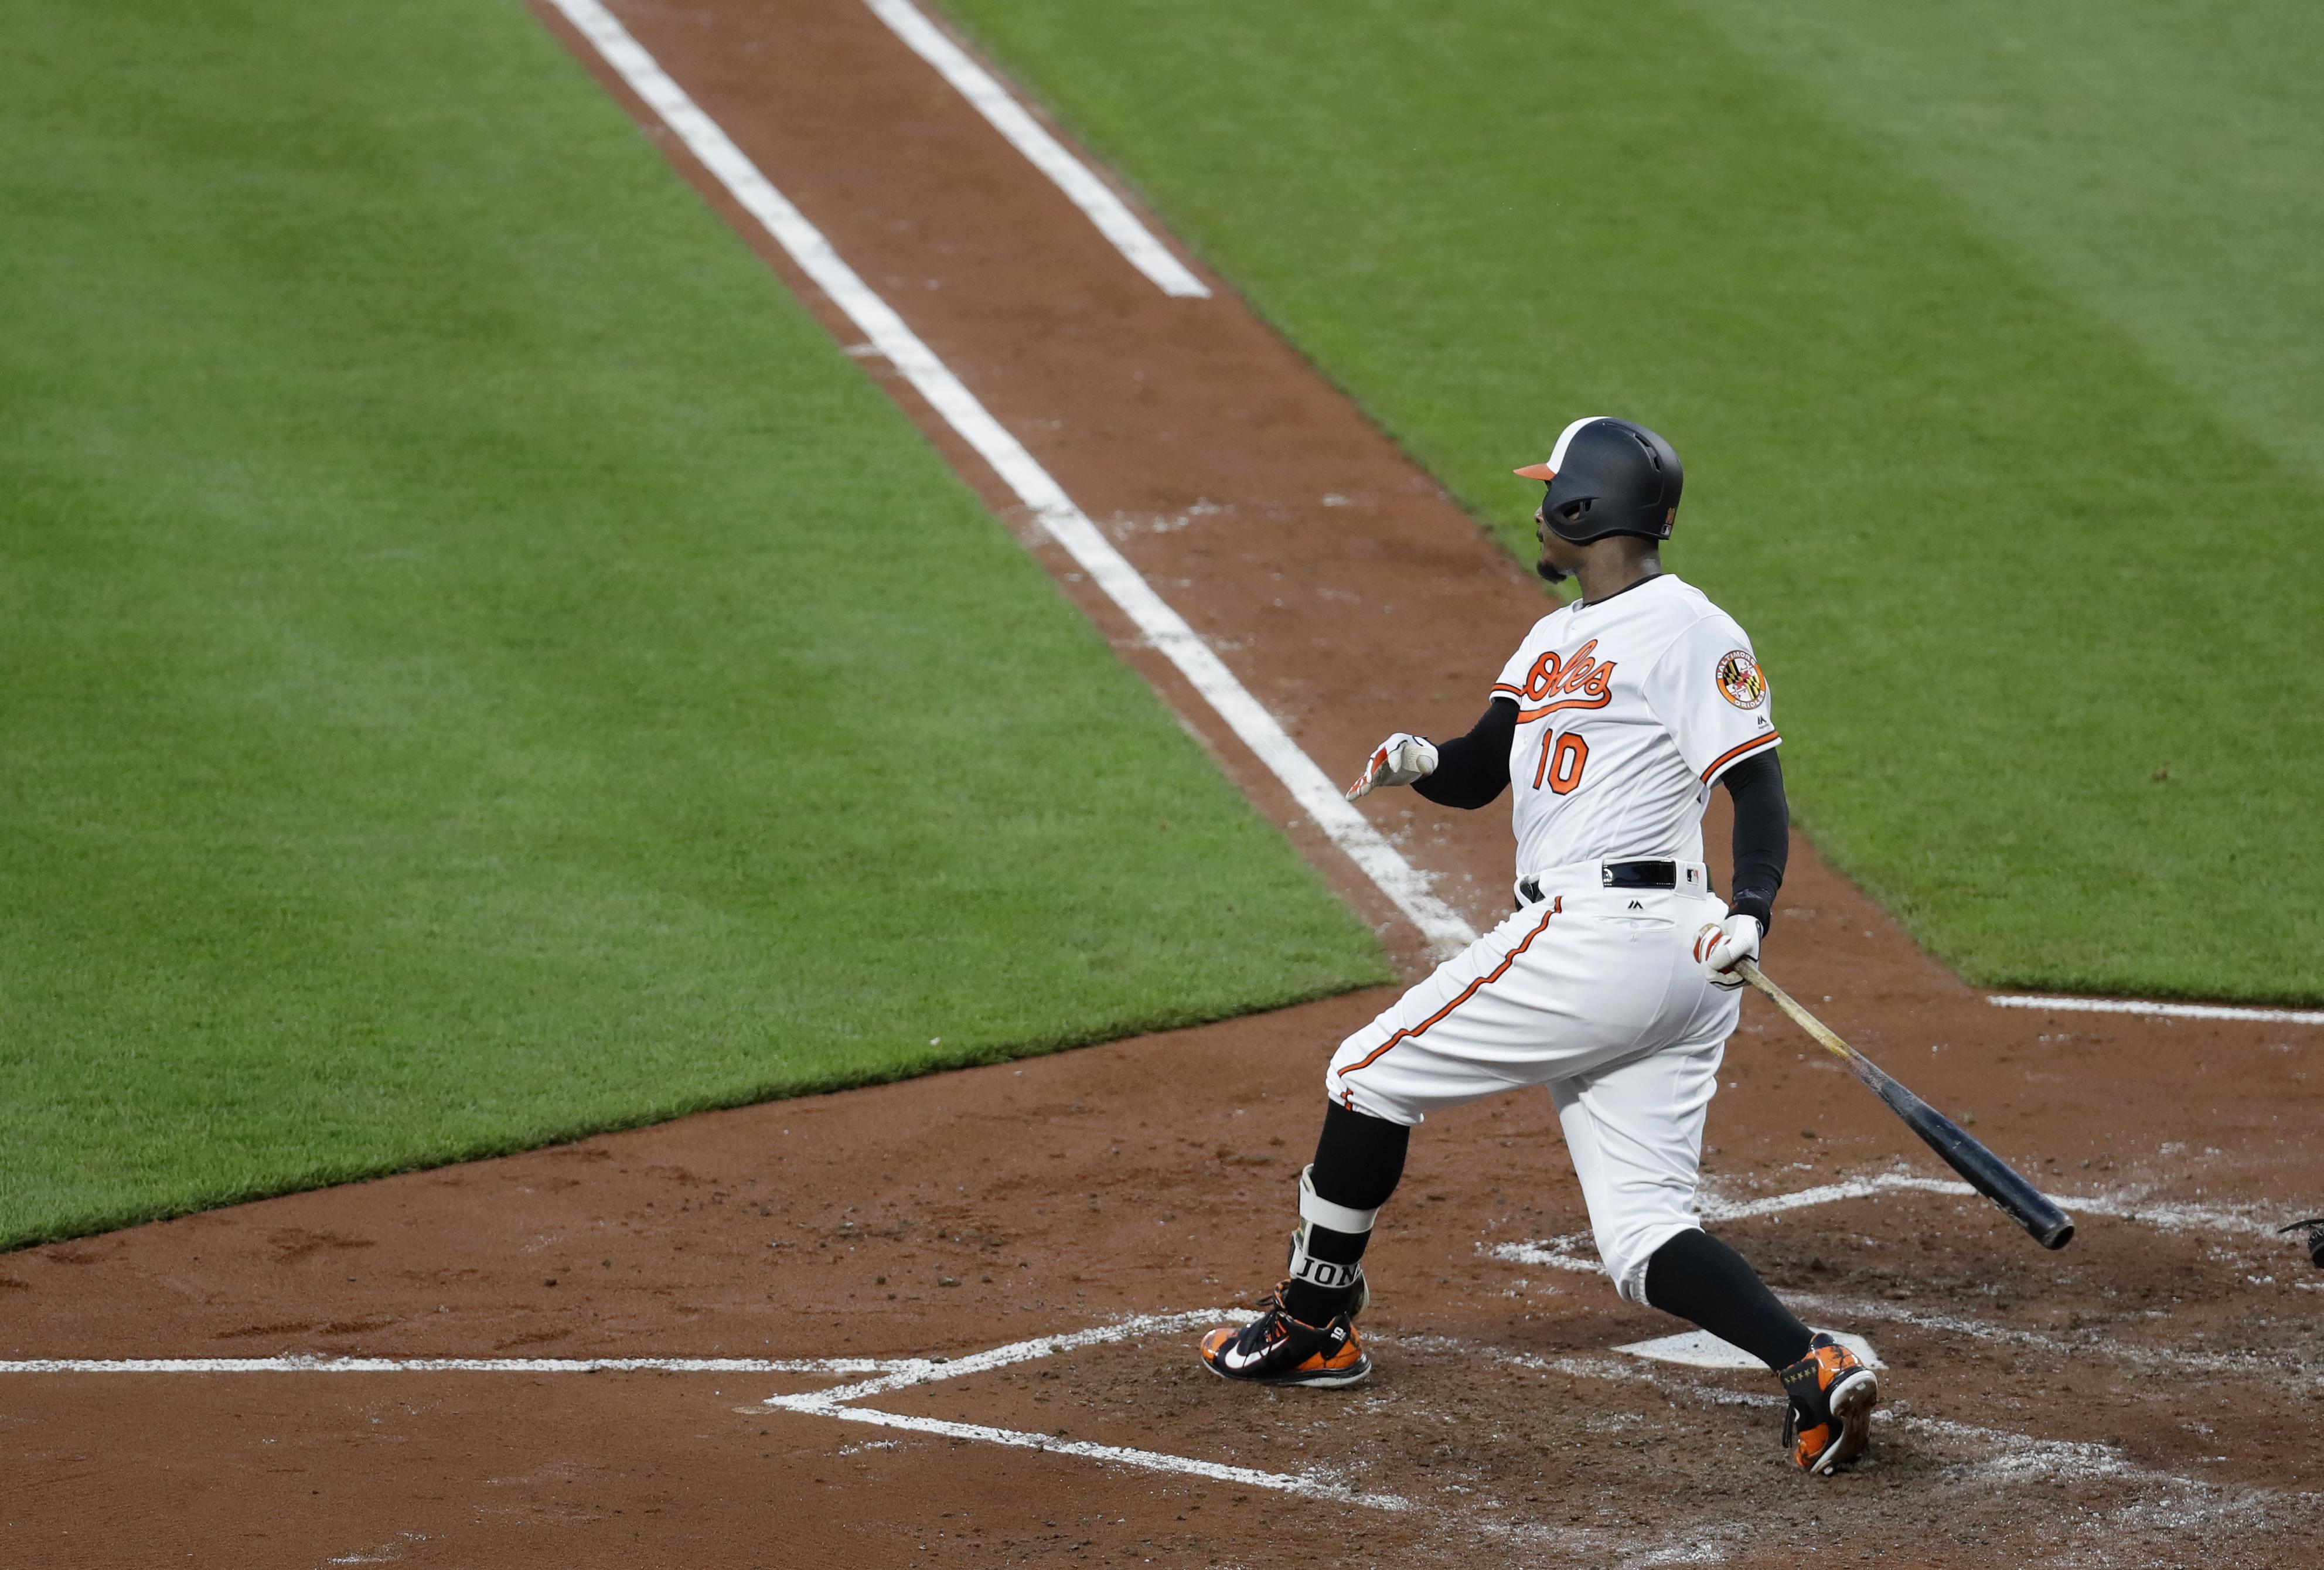 Yankees_orioles_baseball_40737